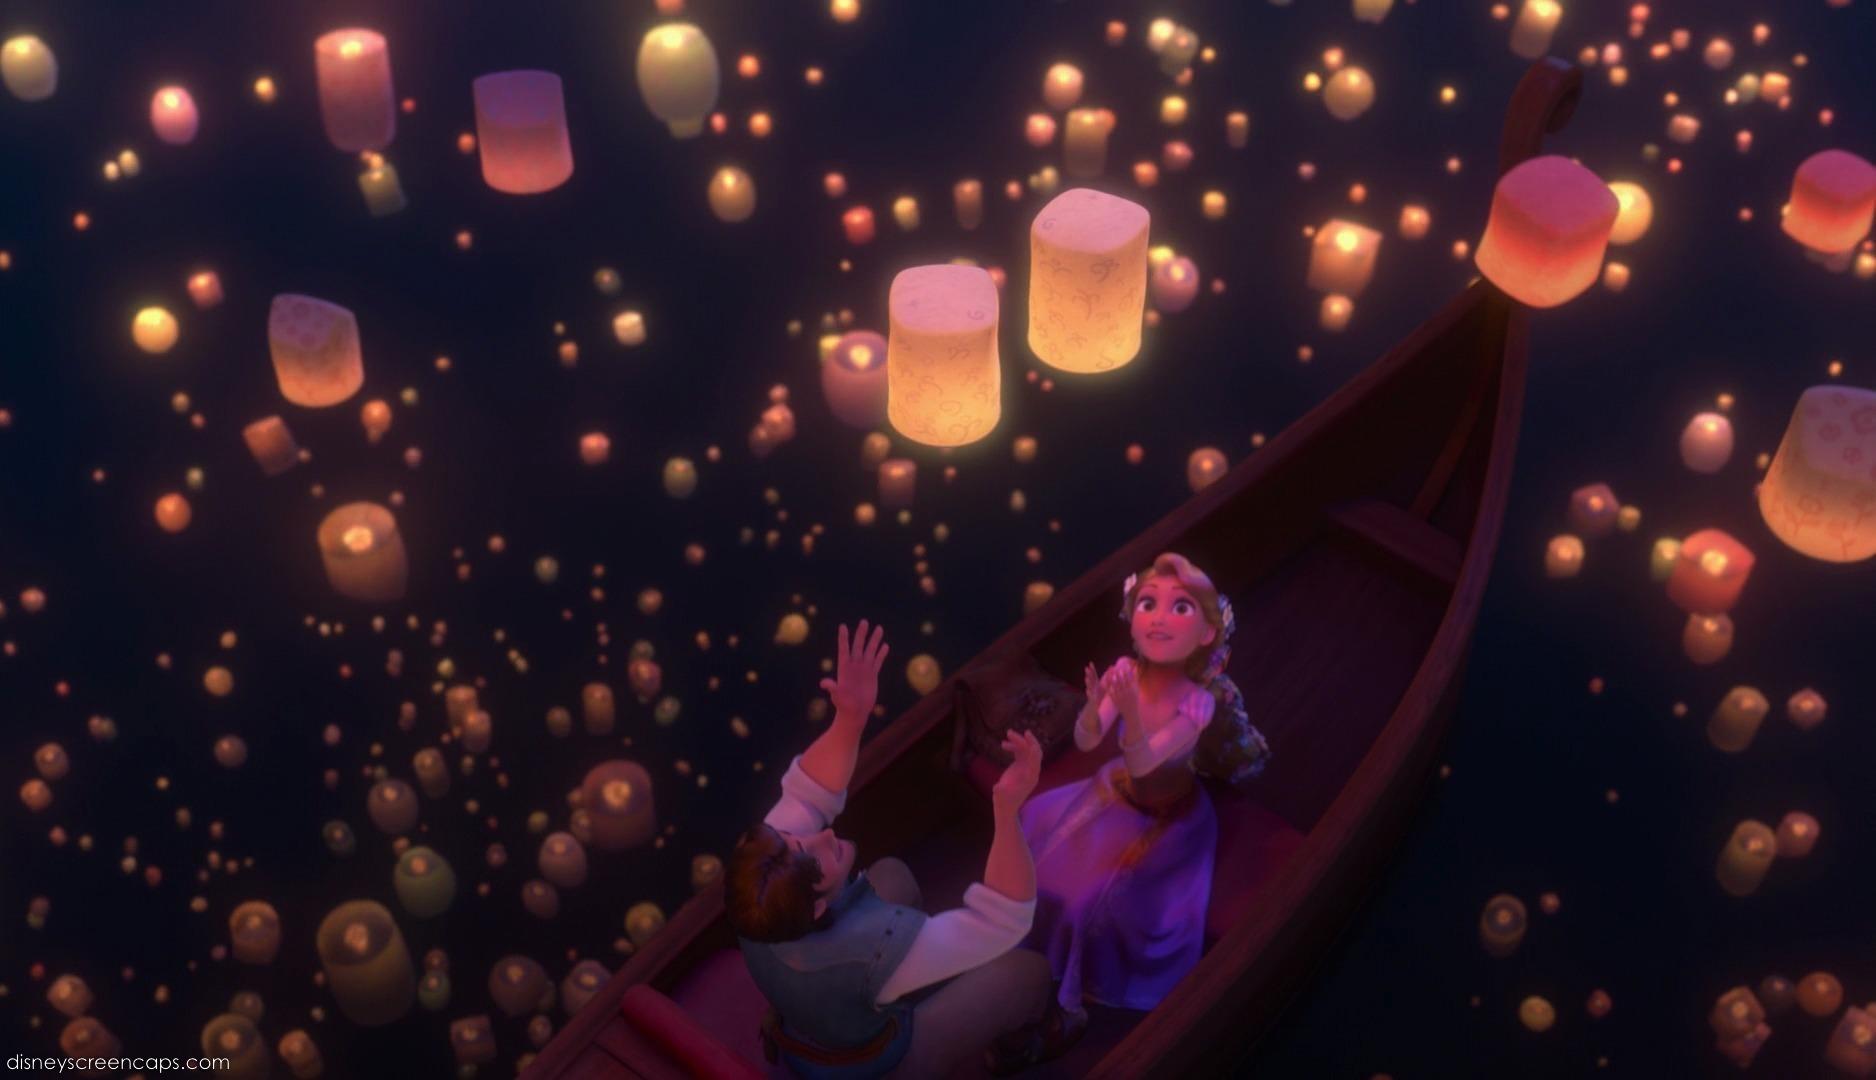 Rapunzel - L'intreccio della torre Movie 2010 screencaps